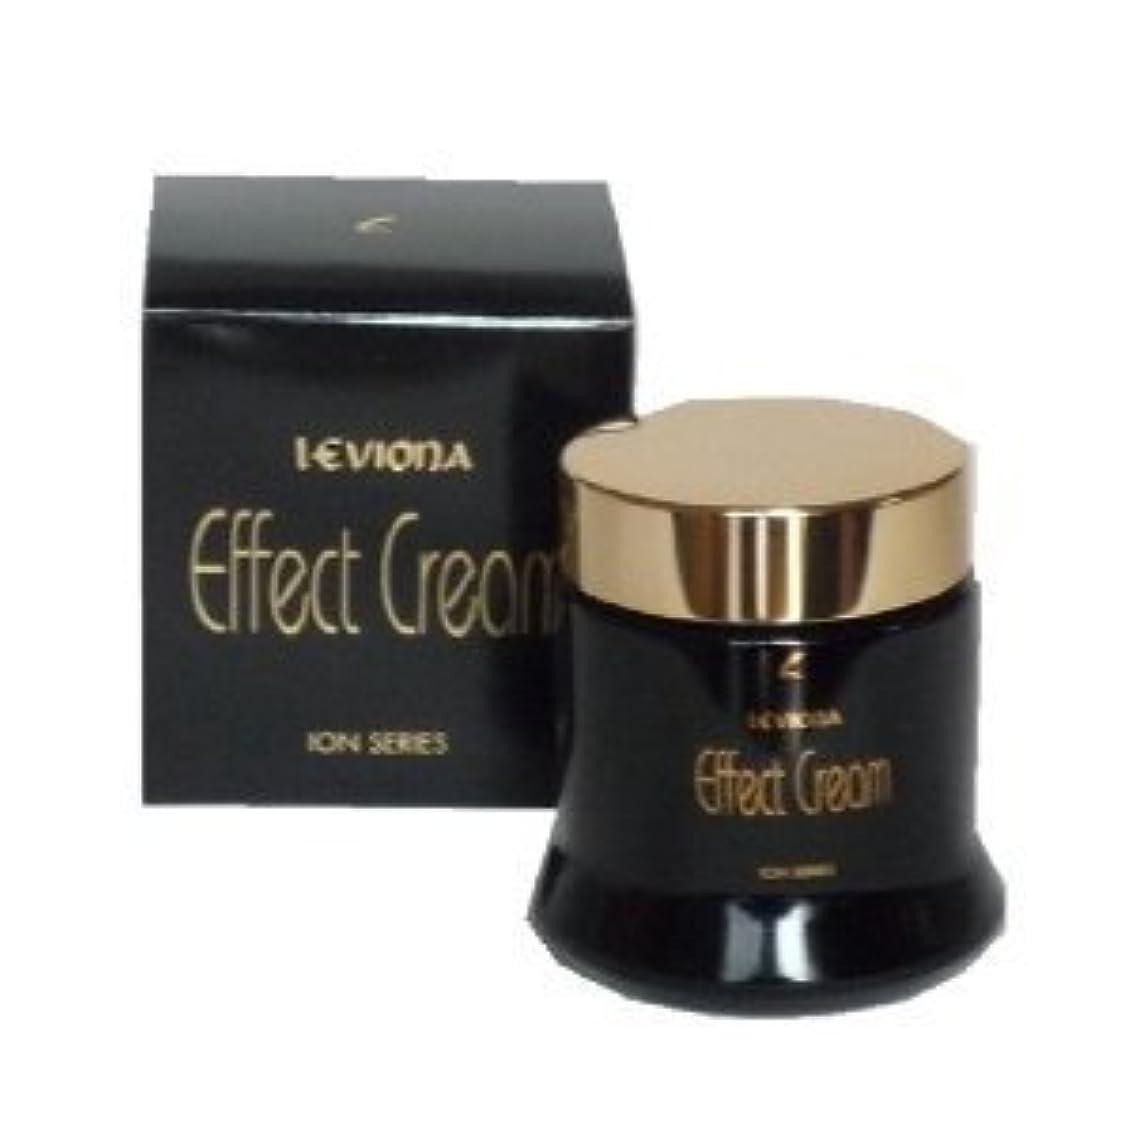 後ろに金属優れたレビオナ化粧品エフェクトクリーム天然イオン配合